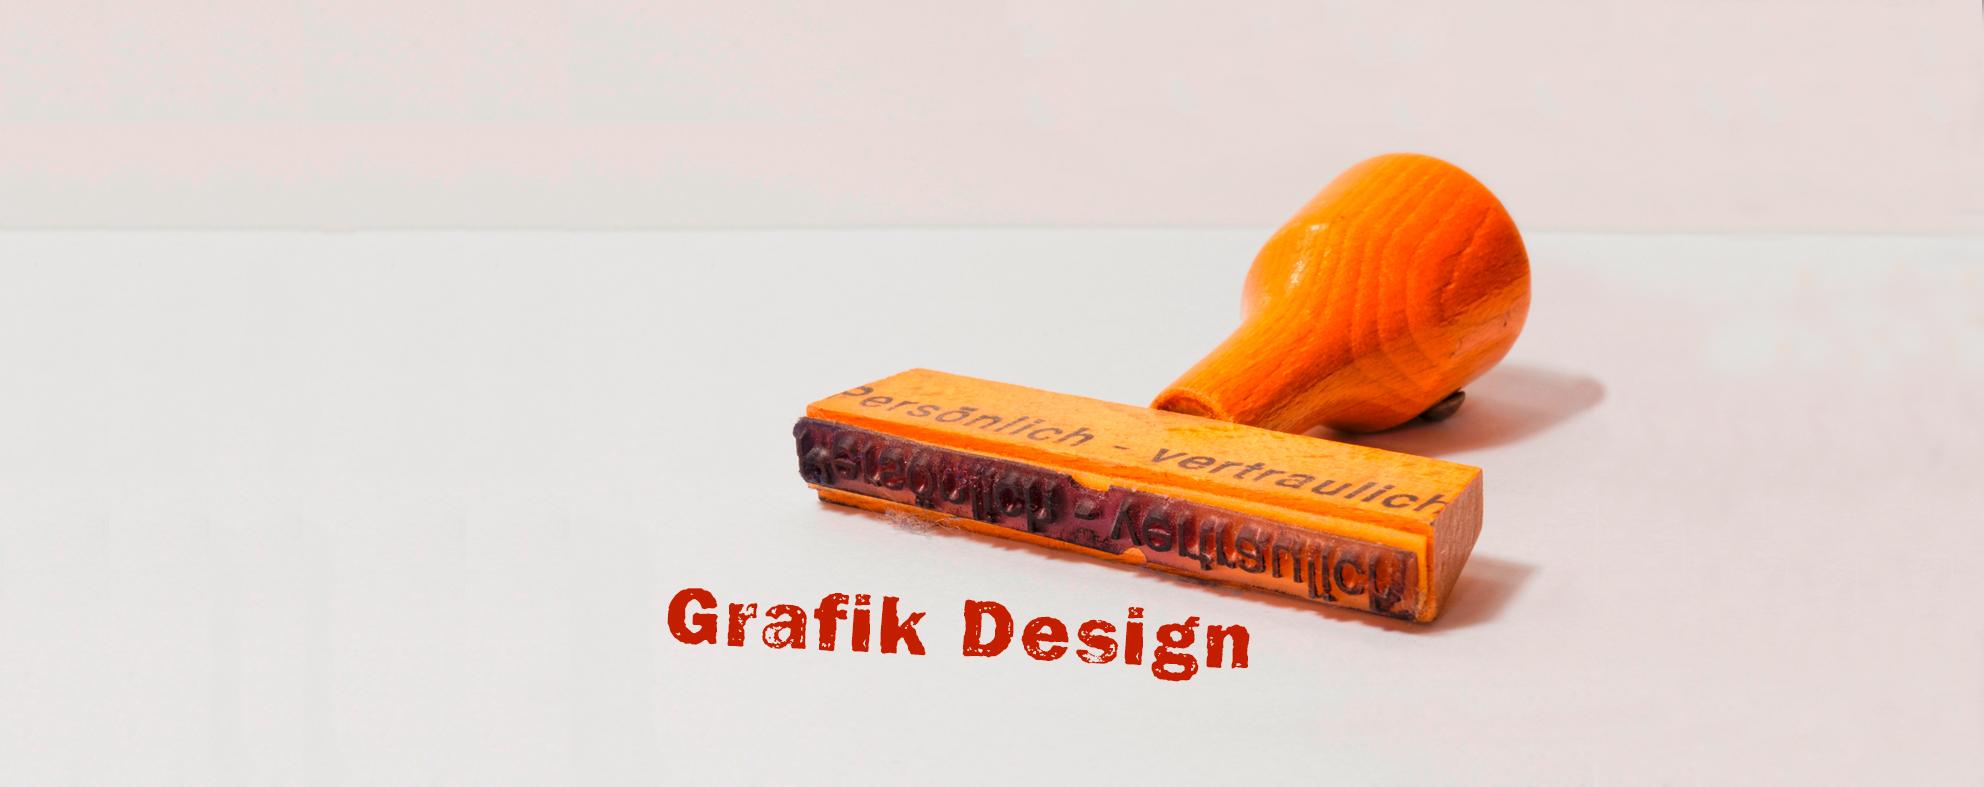 grafiksachen Grafik und Design stempel Bedürfnisliste - Praxis für Kunst & Therapie Koblenz